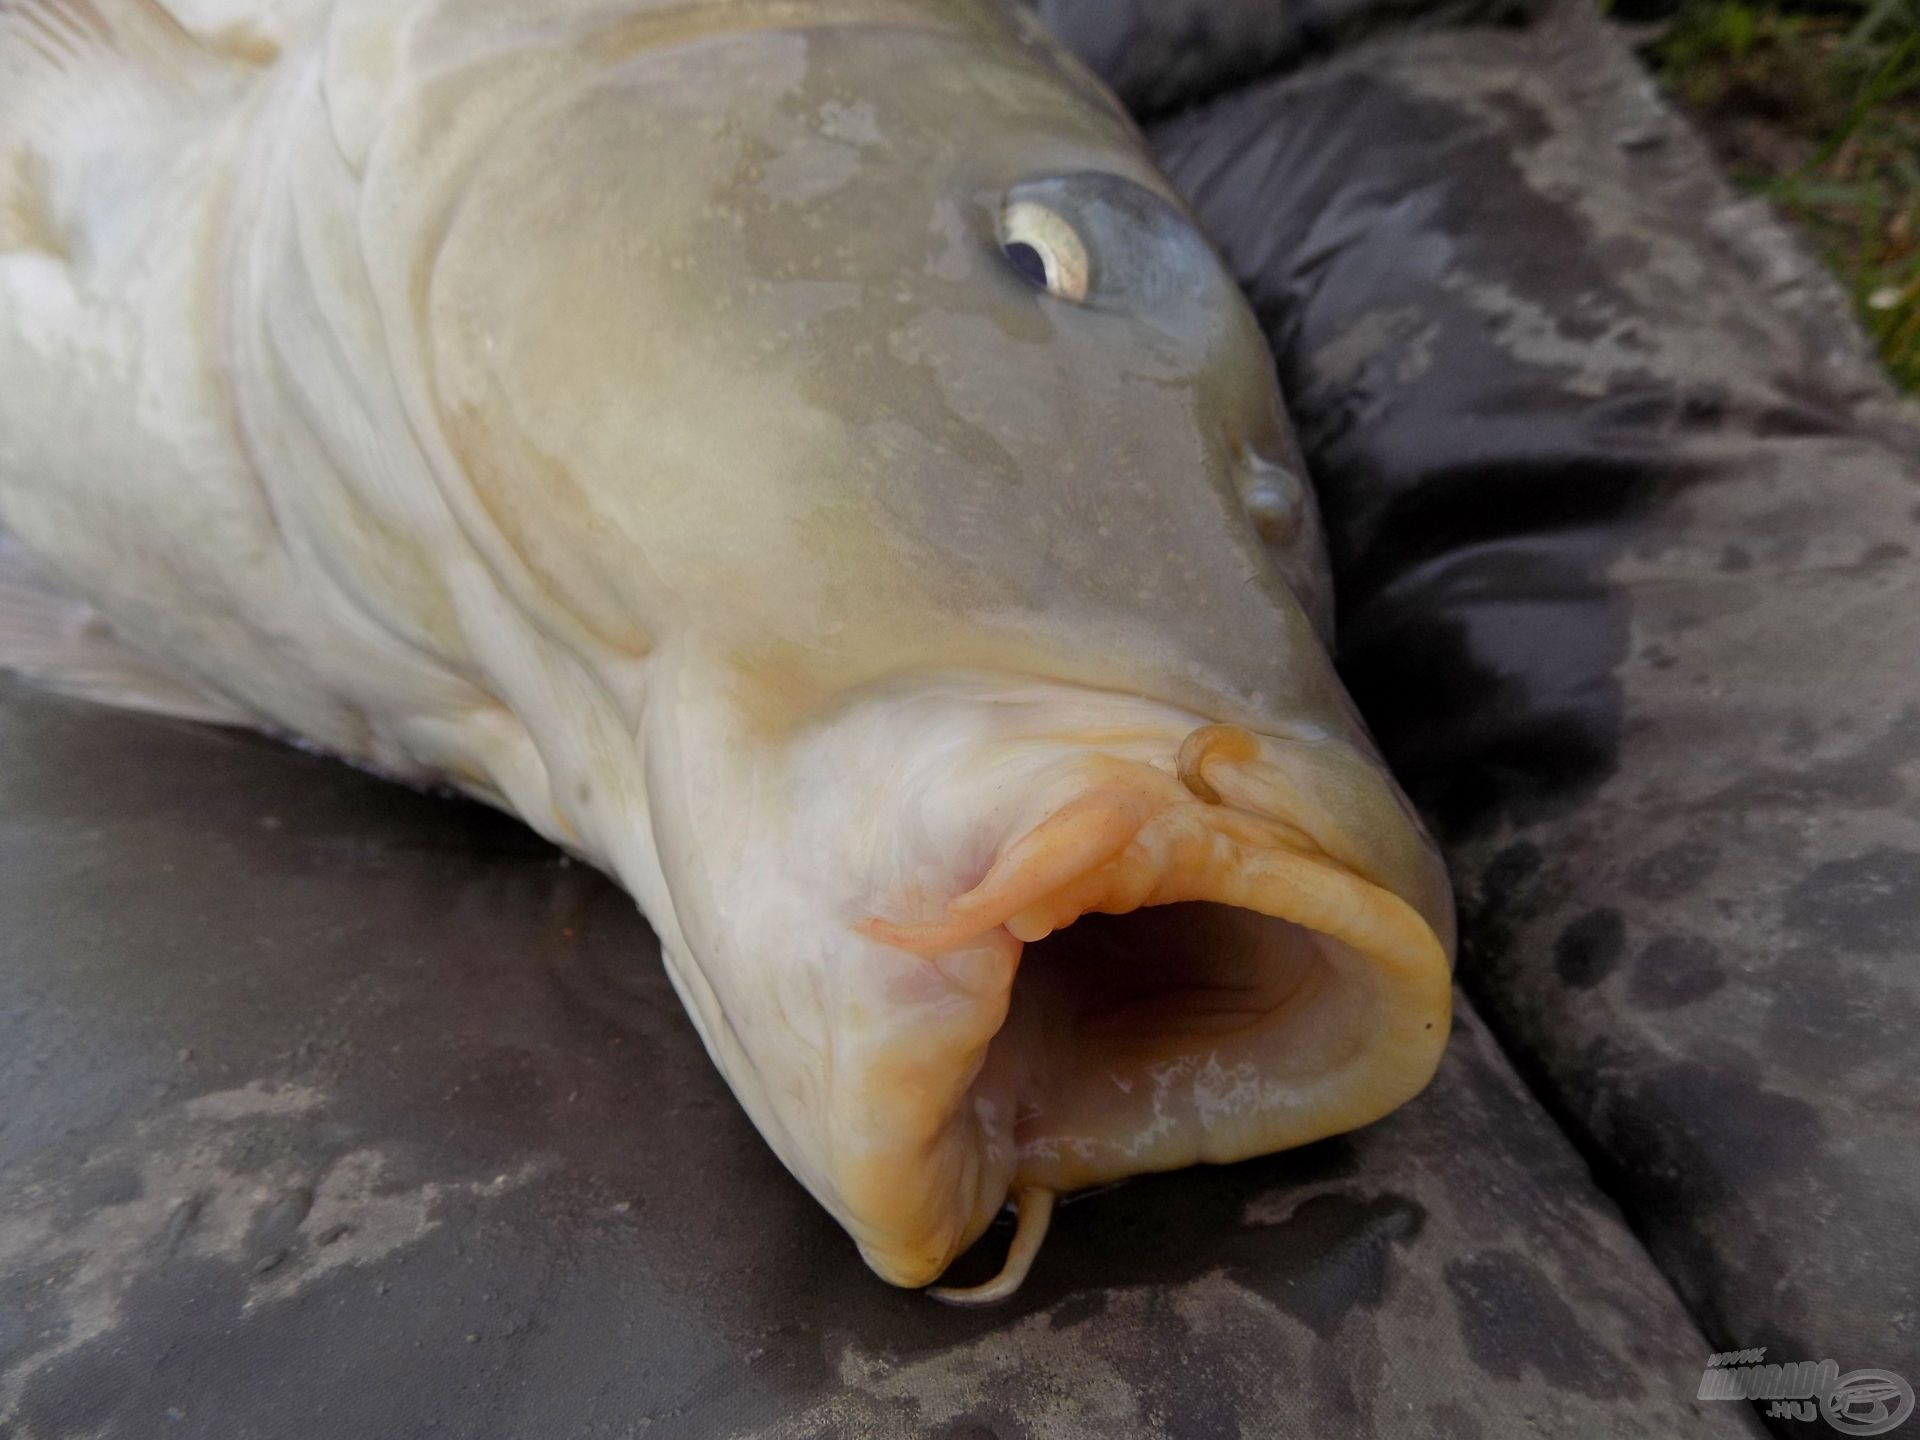 … nagyon intenzíven horgászott vízről van szó, ahol a sokszor megfogott halak már szinte mindennel találkoztak!